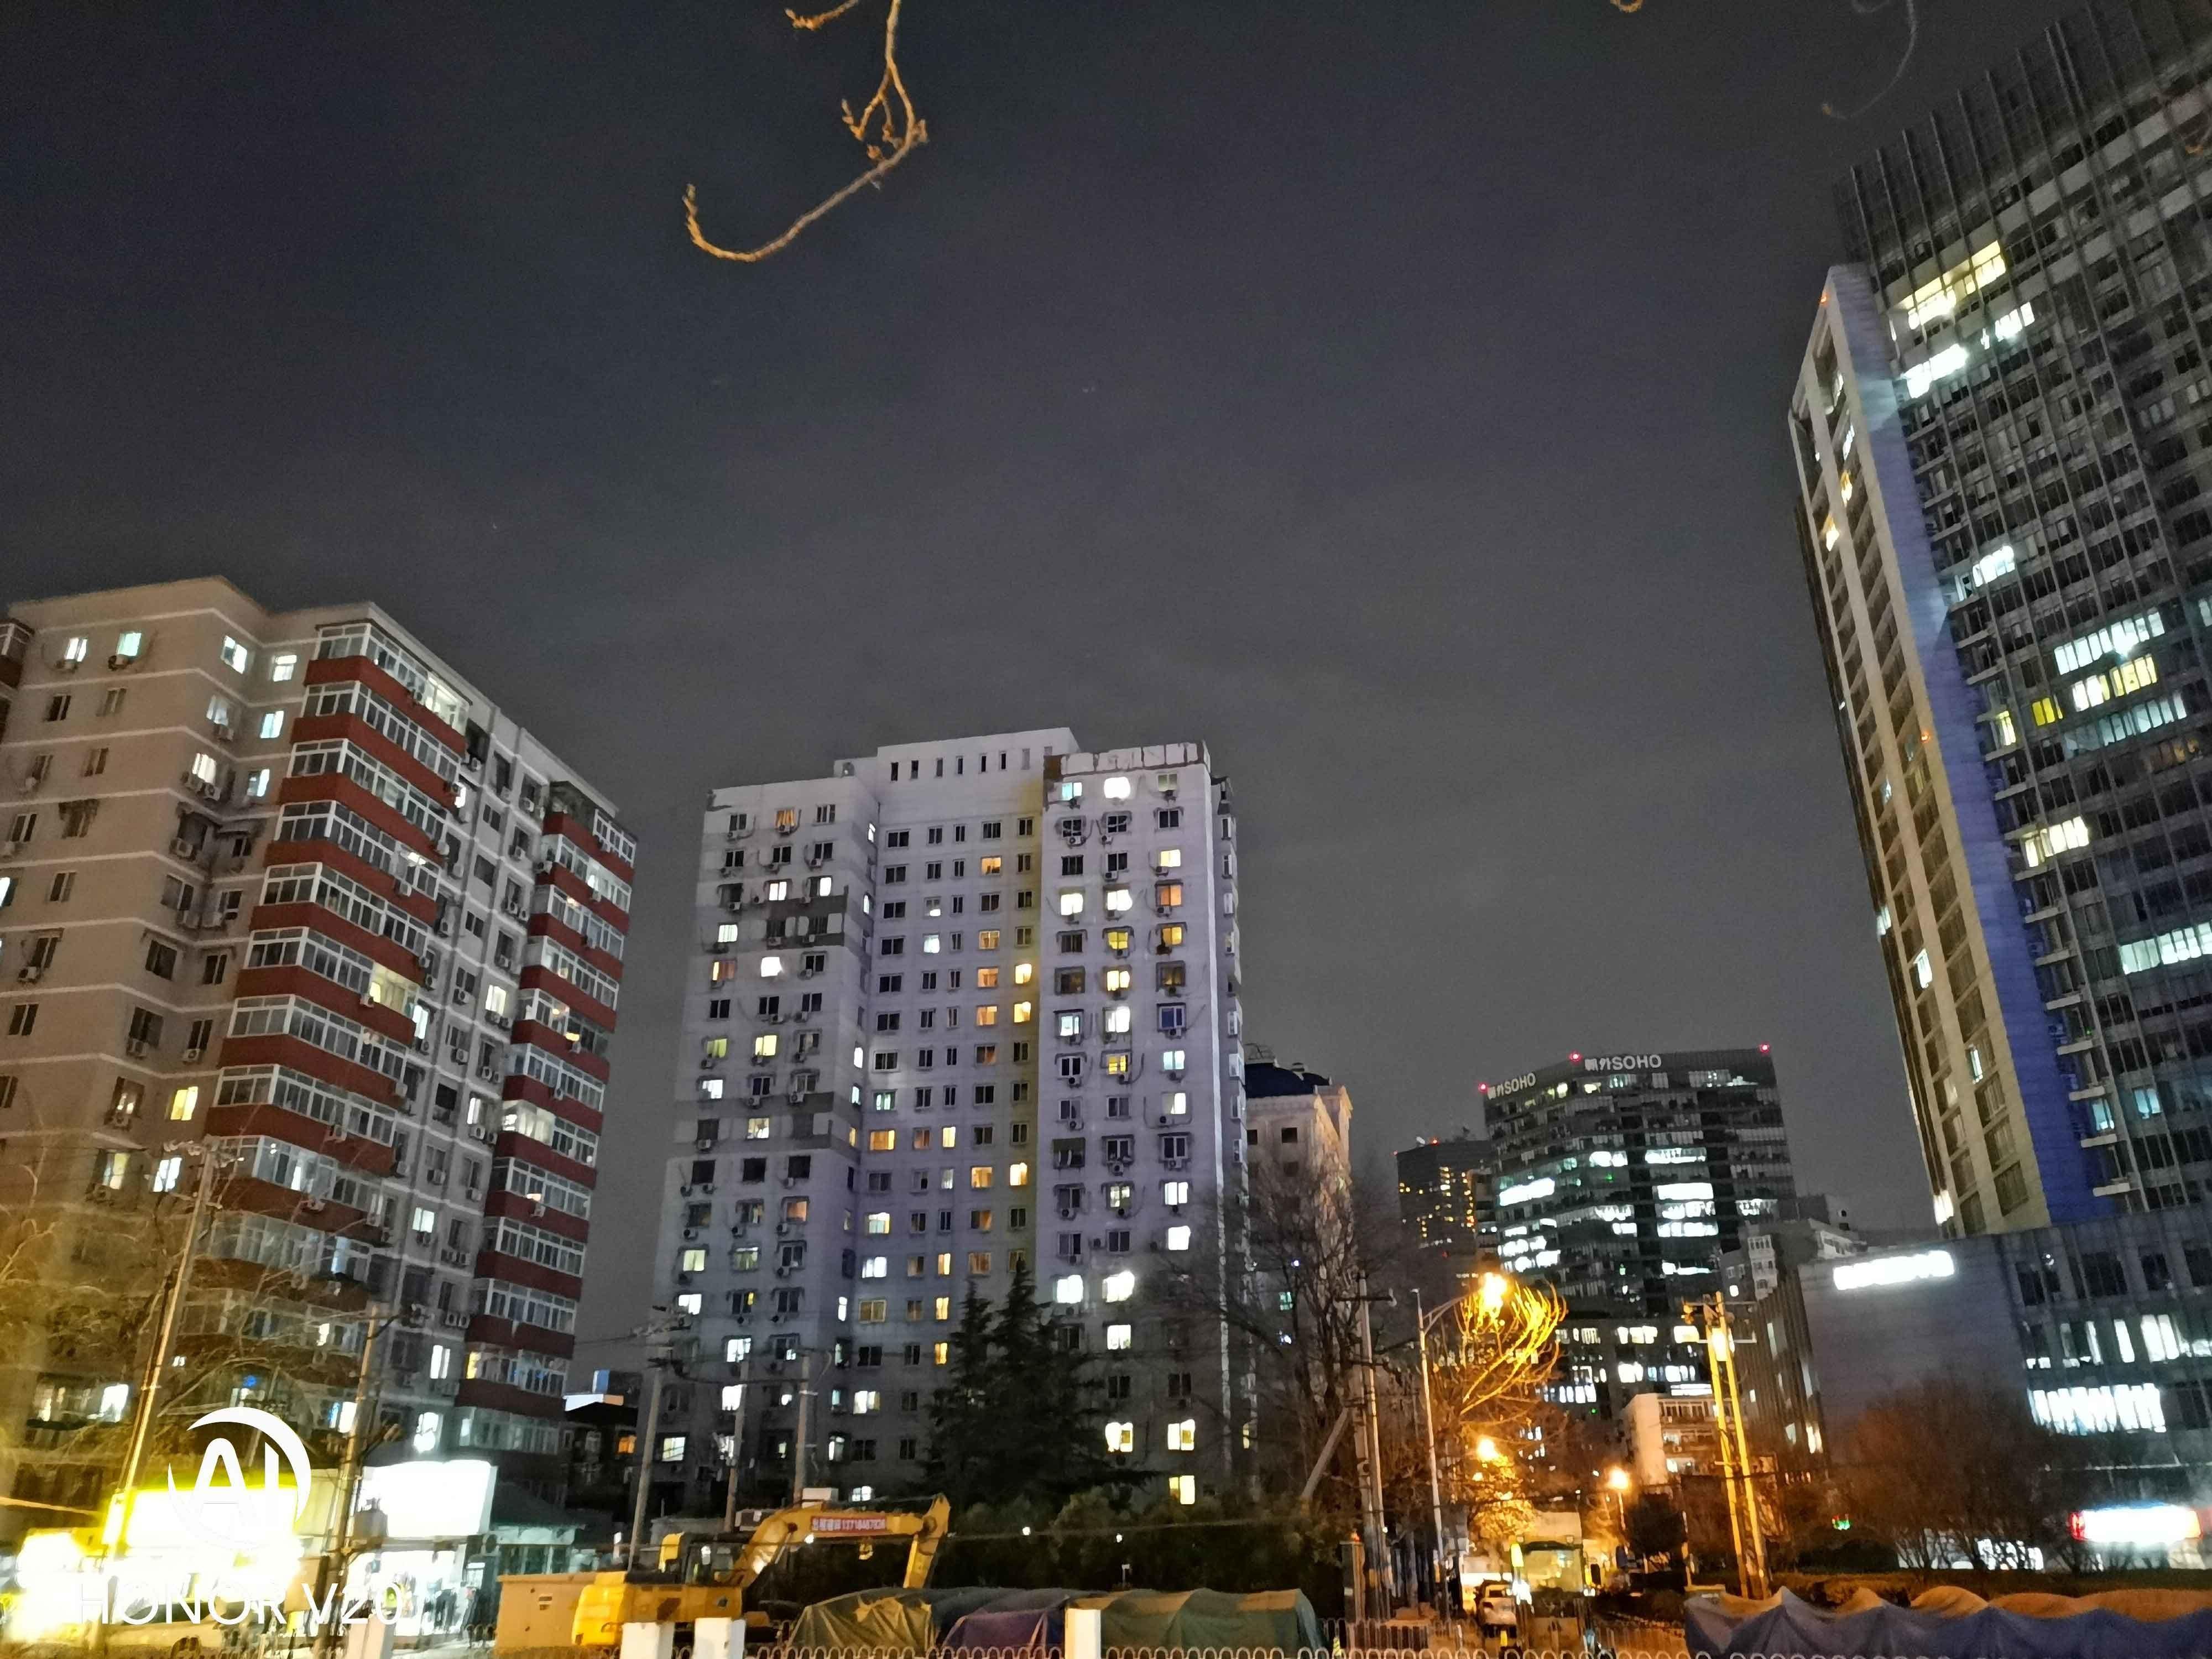 荣耀V20高配版手机拍照出来的影像图第1张